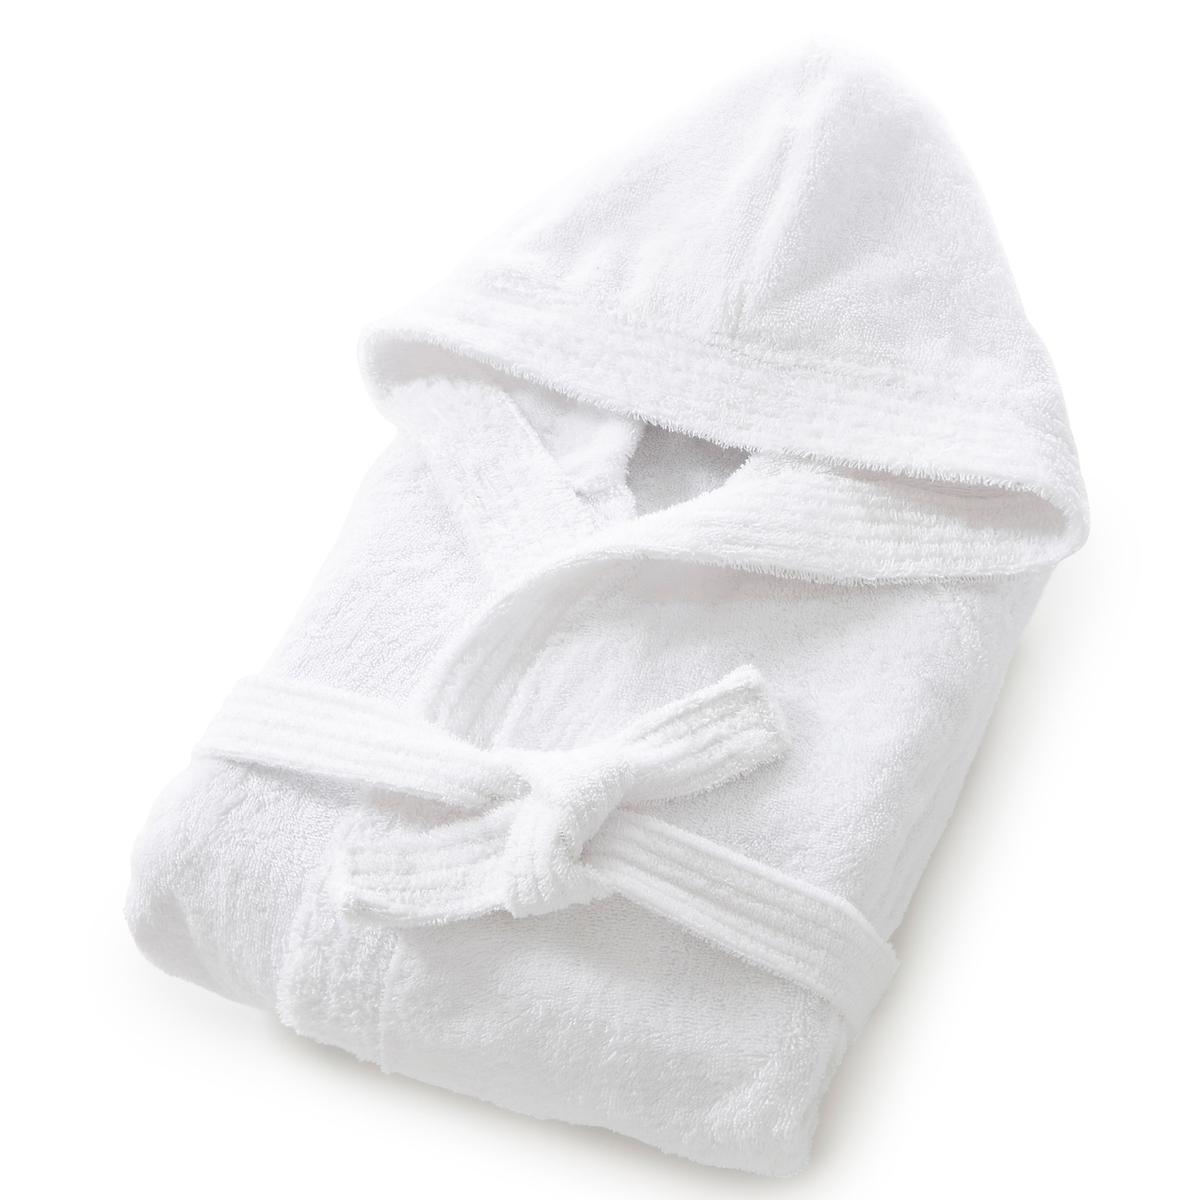 Халат с капюшоном, махровая ткань, 450 г/м?, качество BestХарактеристики халата с капюшоном из махровой ткани :Высококачественная махровая ткань, 100% хлопок, 450 г/м?.Капюшон, рукава реглан, 2 кармана с прострочкой, пояс со шлевками.Длина 110-113 см.Материал долго сохраняет мягкость и прочность. Превосходная стойкость цвета после стирки при 60 °C.Машинная сушка.<br><br>Цвет: белый,зелено-синий,розовая пудра,светло-синий,Серо-синий,синий морской,темно-серый,фиолетовый,шафран